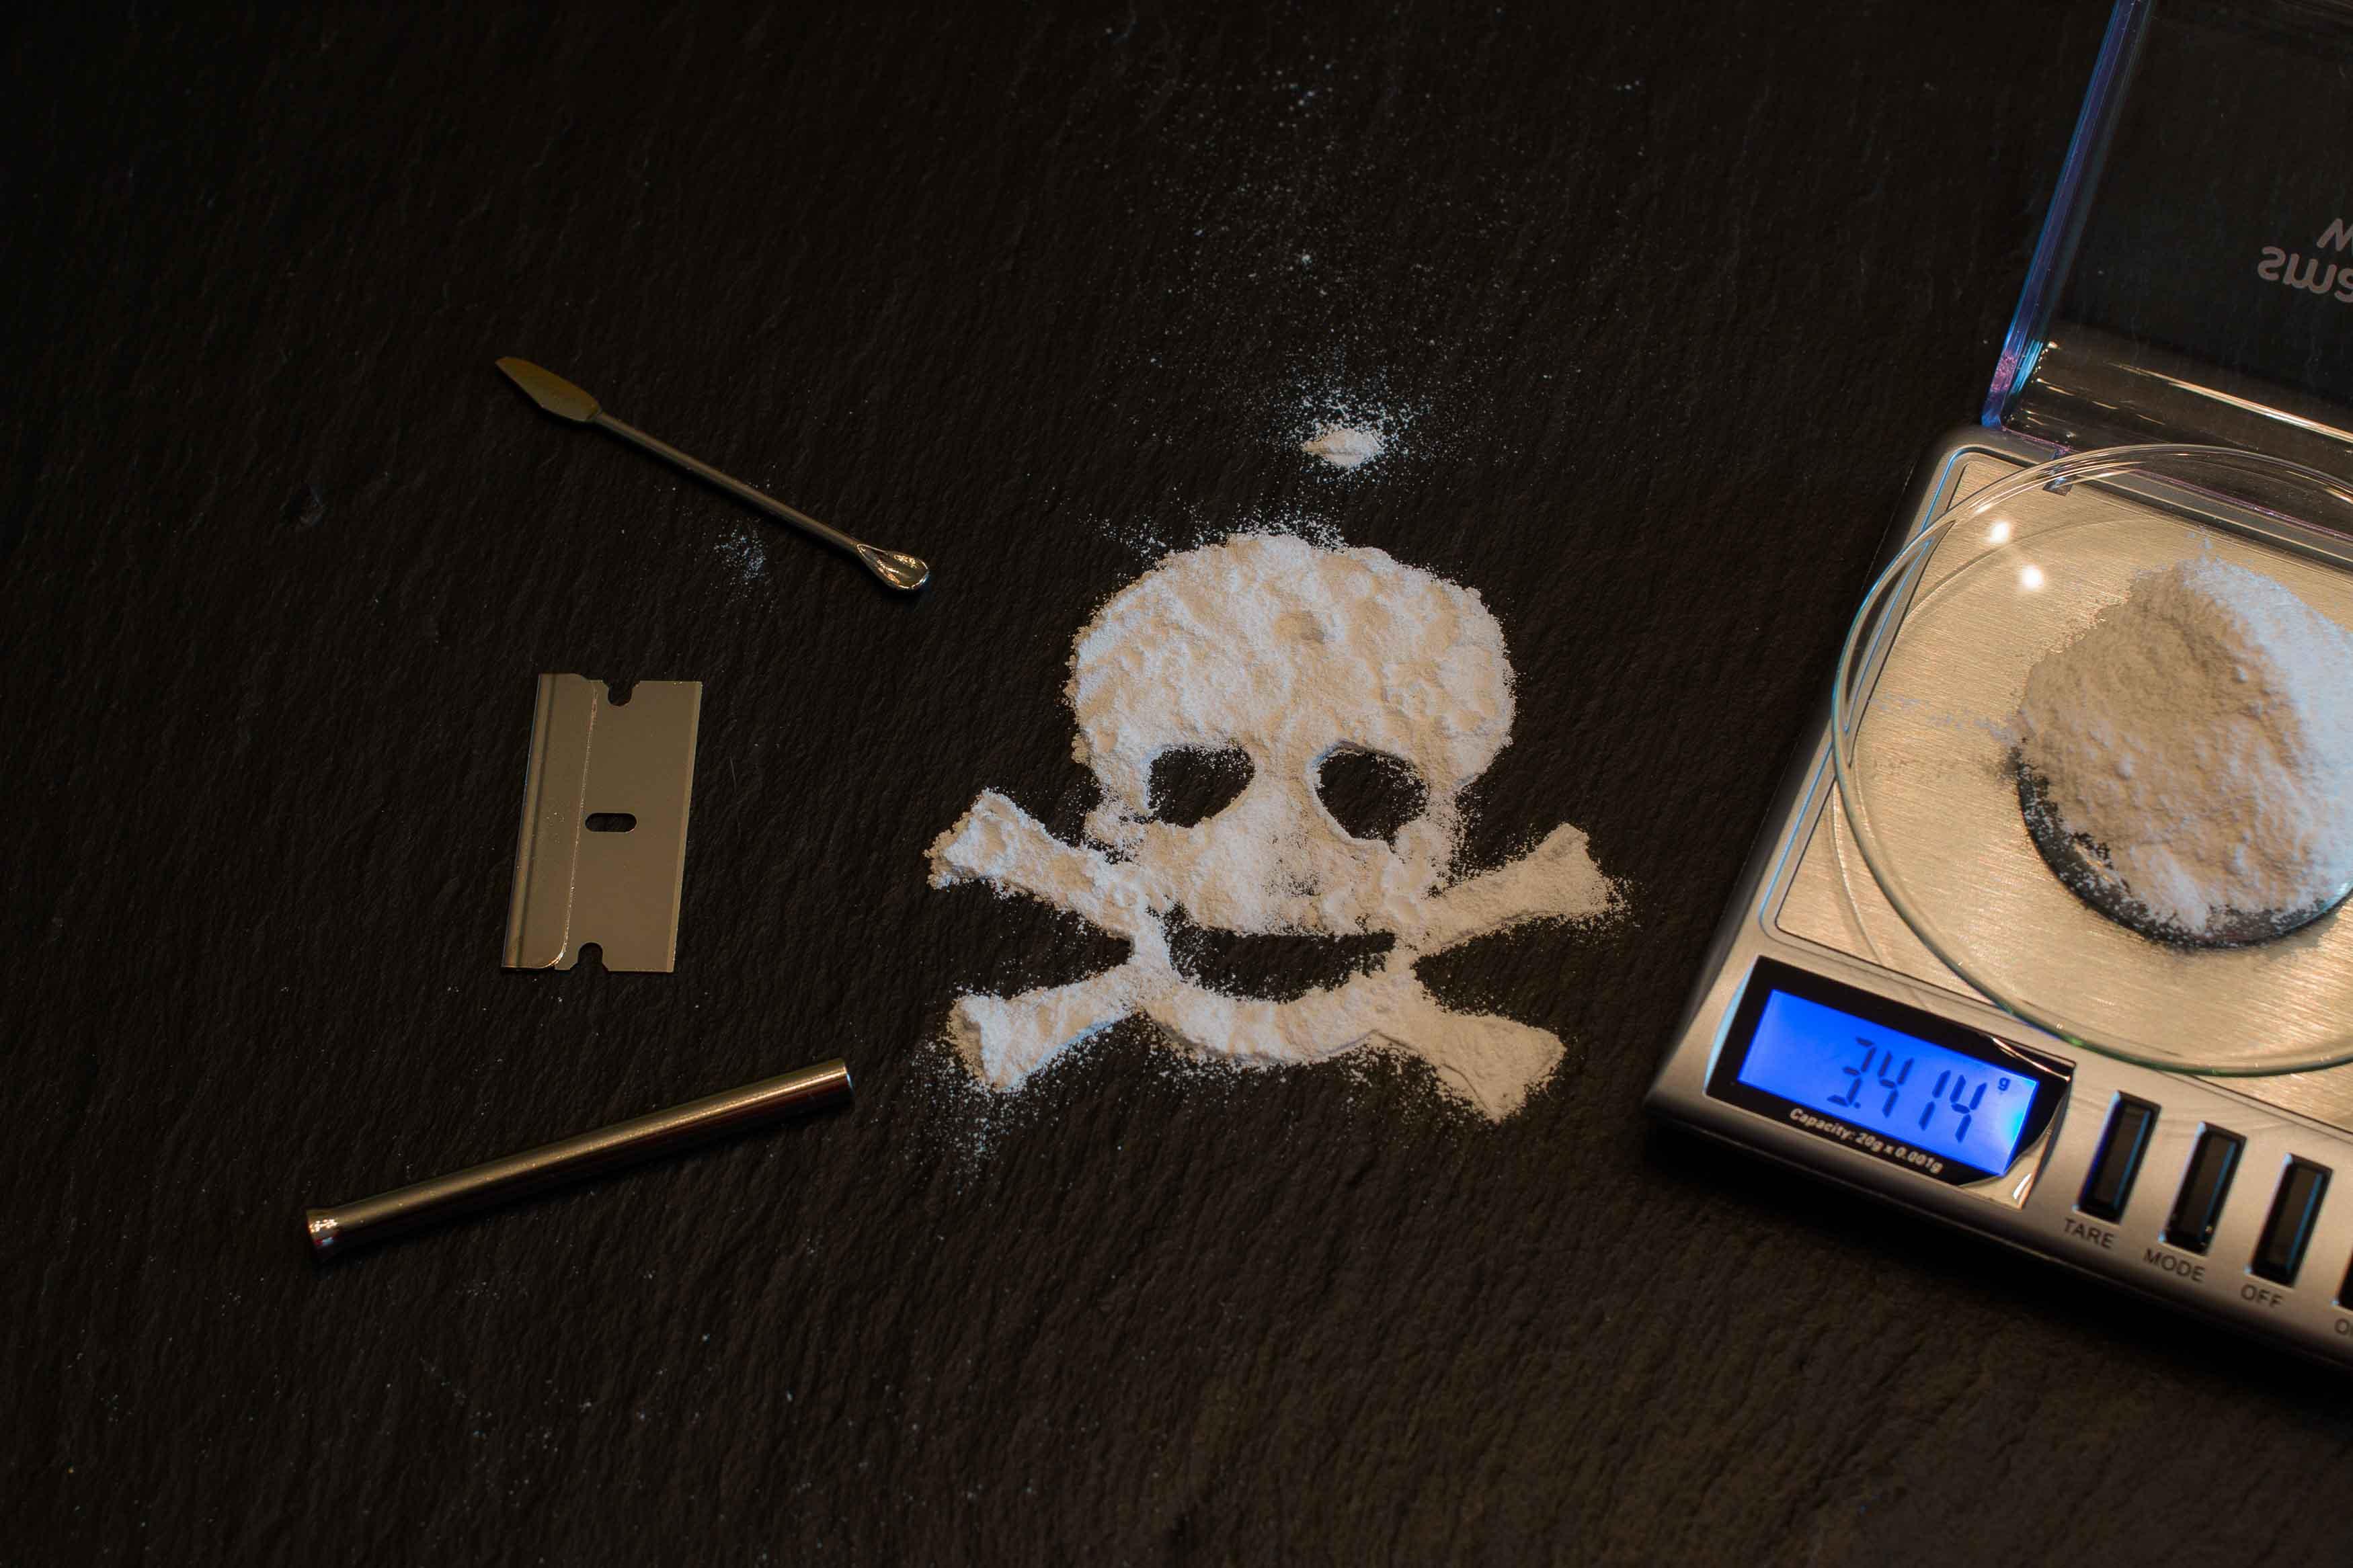 Báscula con coaína y cocaína dibujando una calavera